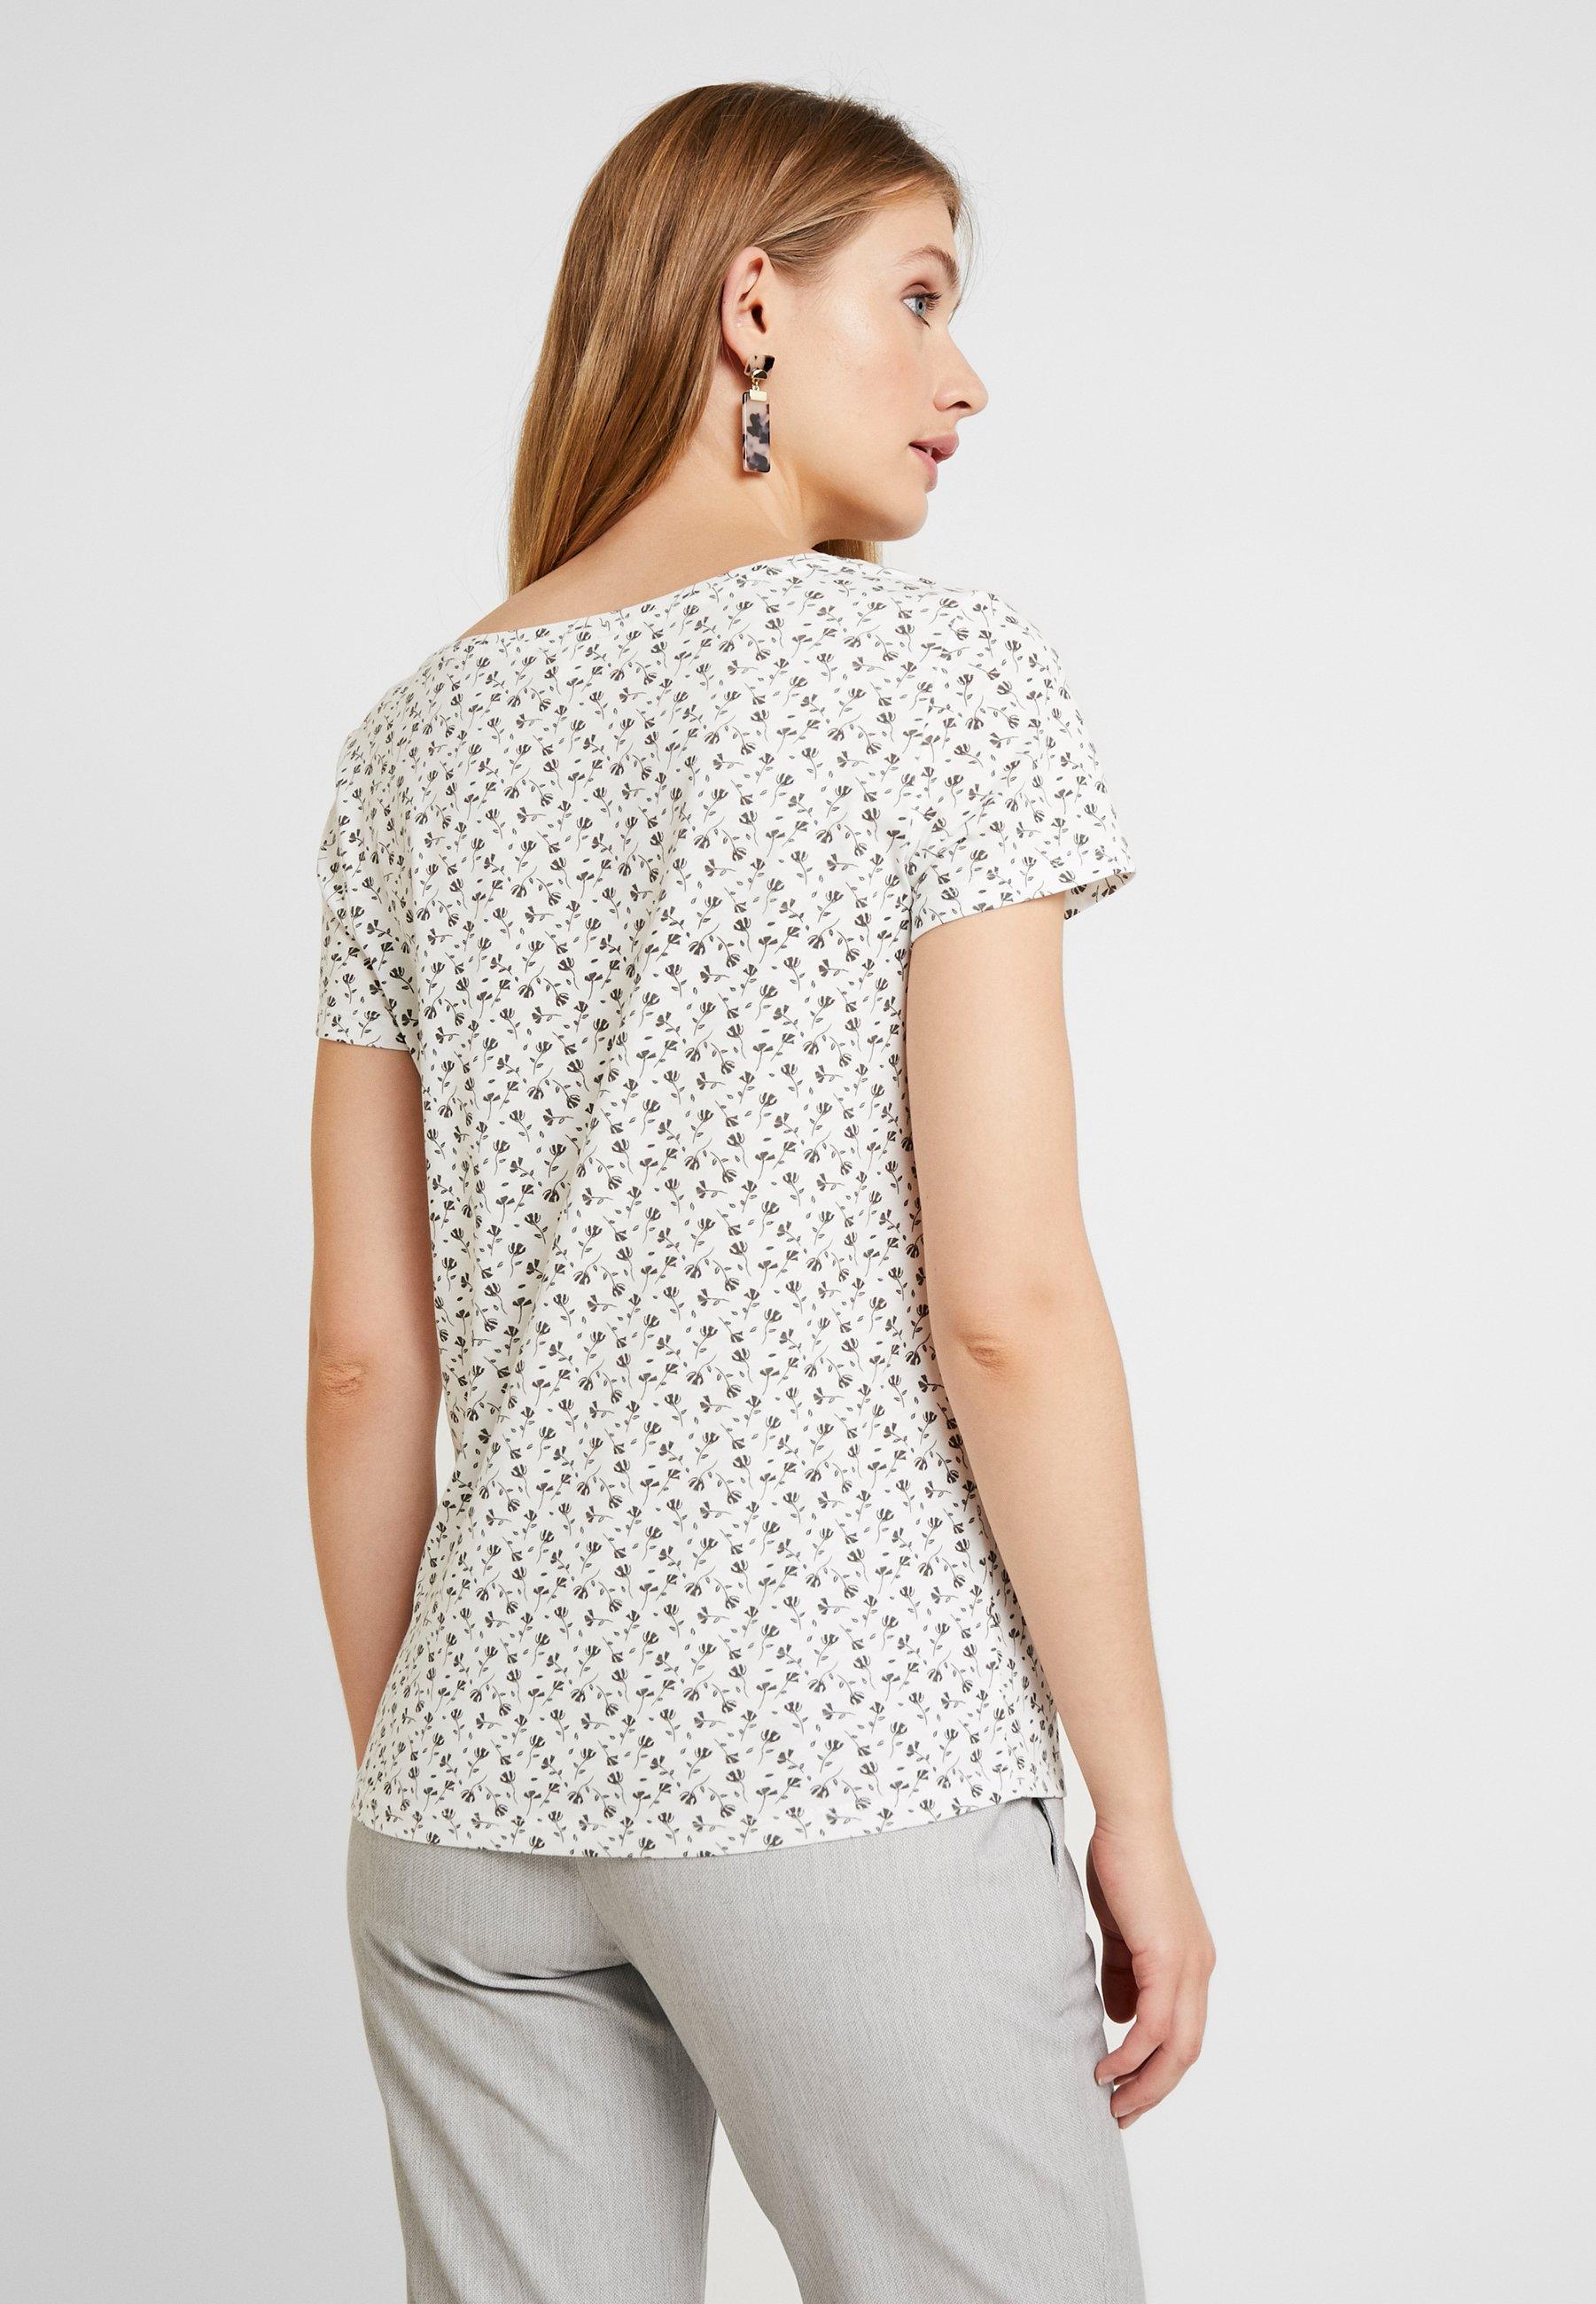 Offwhite Esprit TeeT TeeT Offwhite Imprimé shirt shirt Imprimé Esprit TeeT Esprit shirt Imprimé WexBQrodC